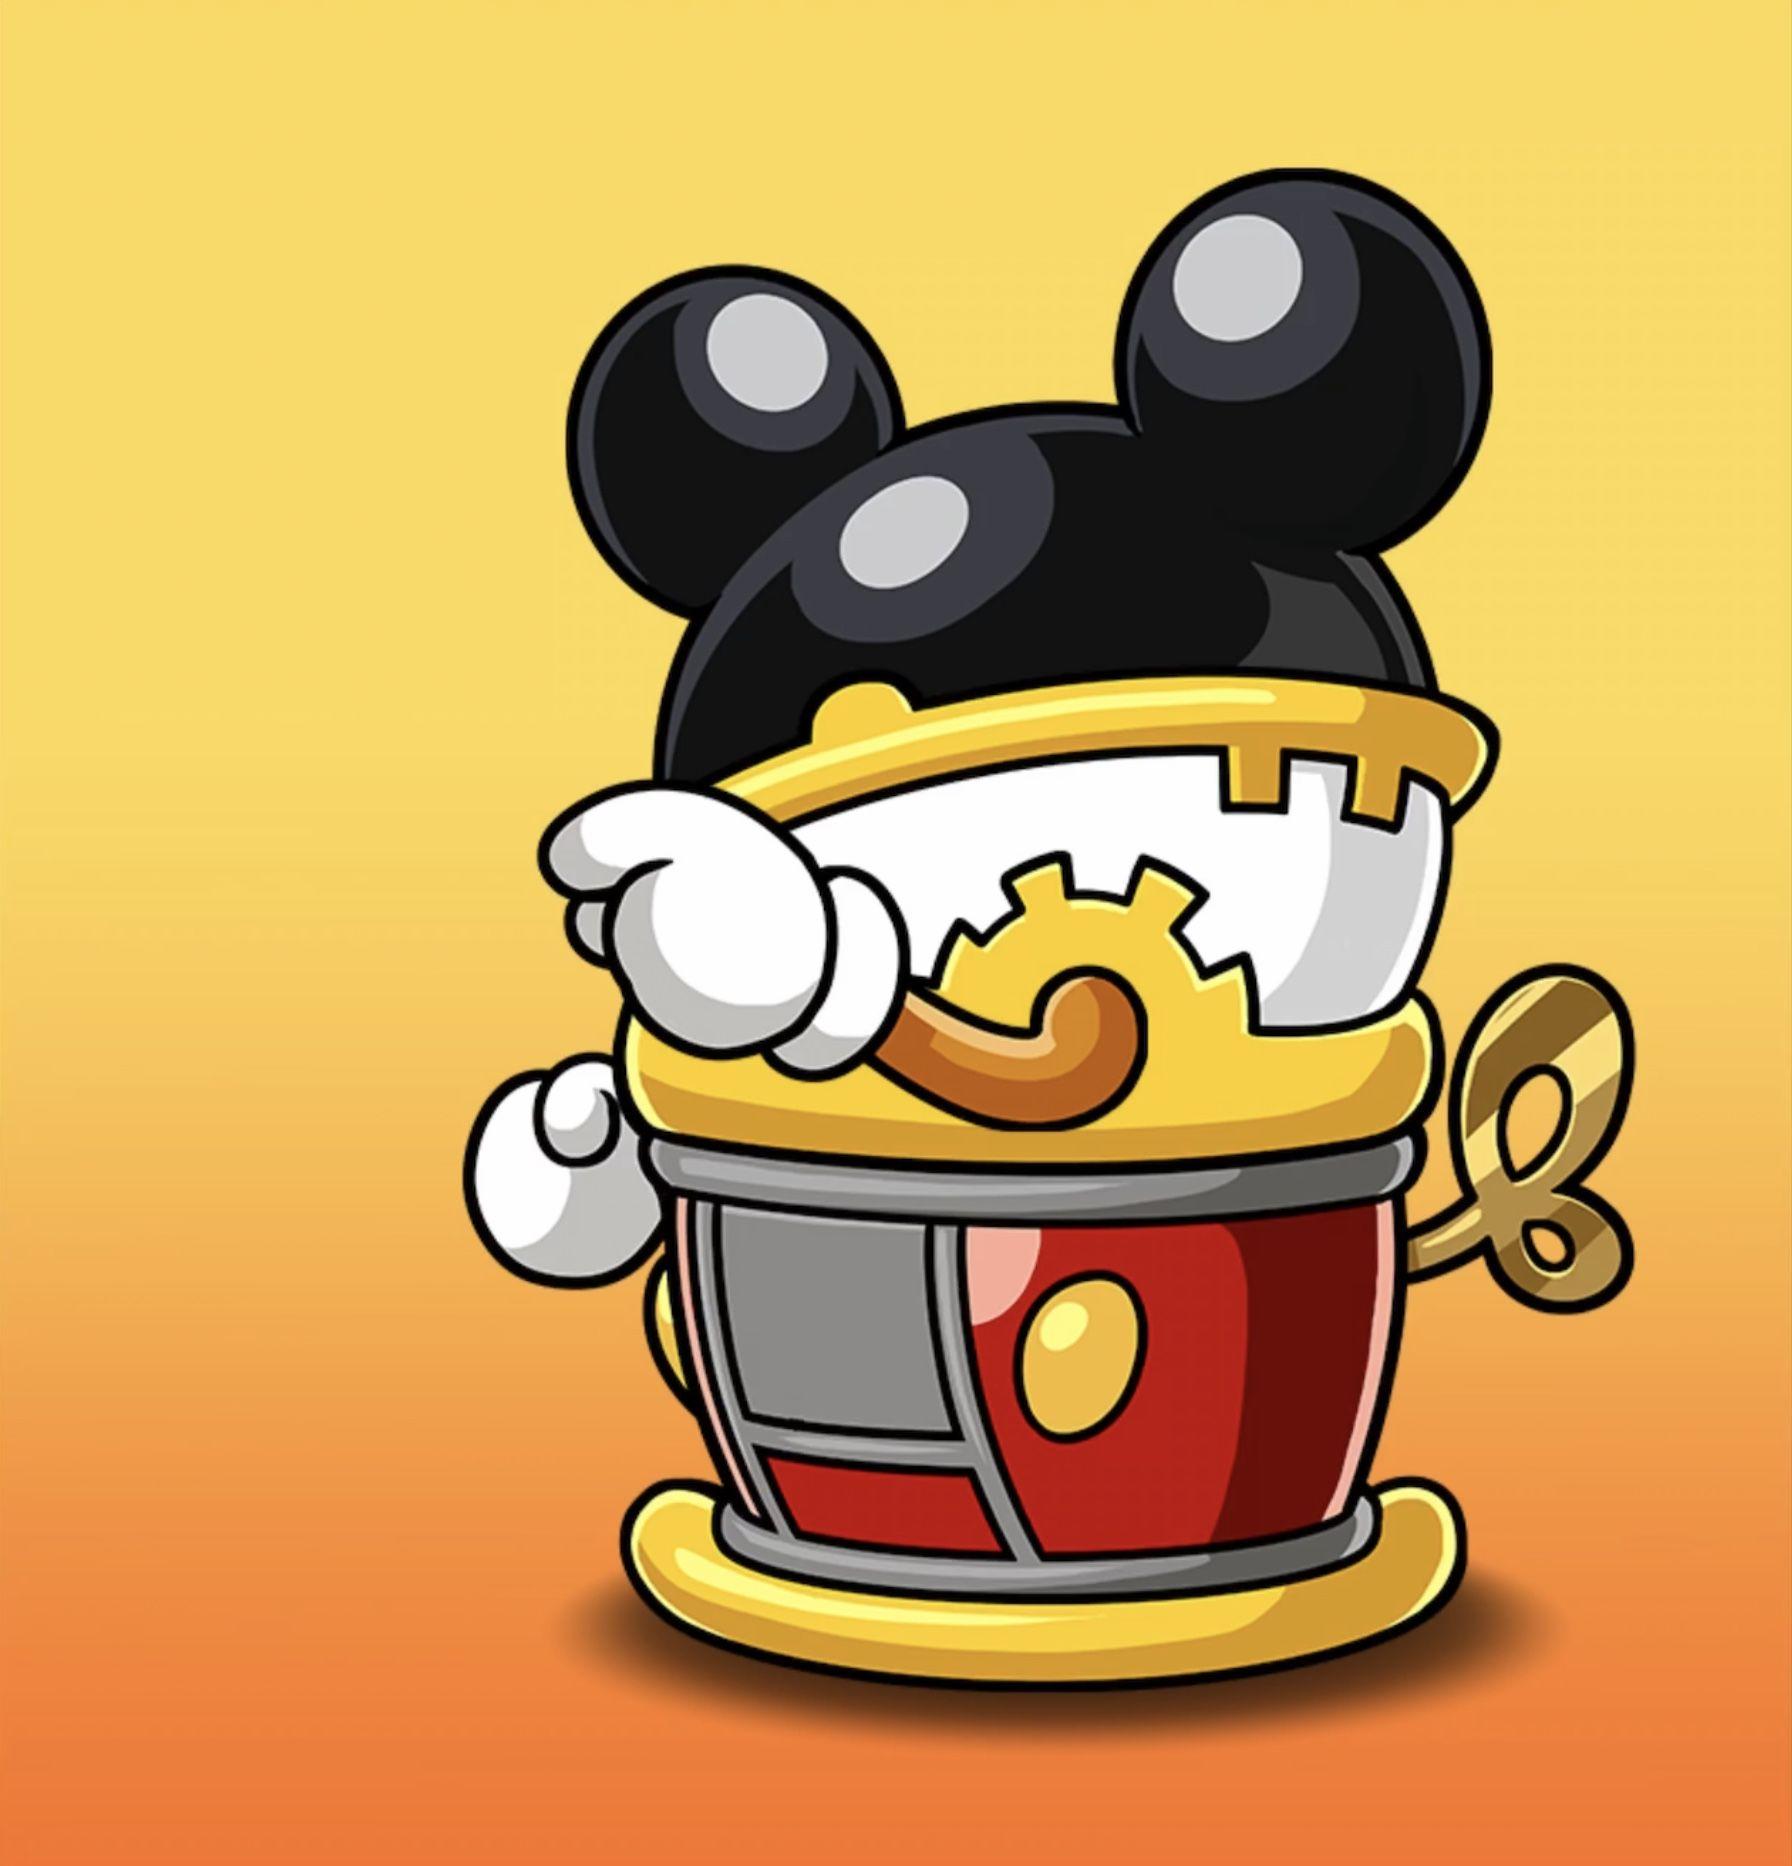 パズドラ ミッキー マウス コラボ